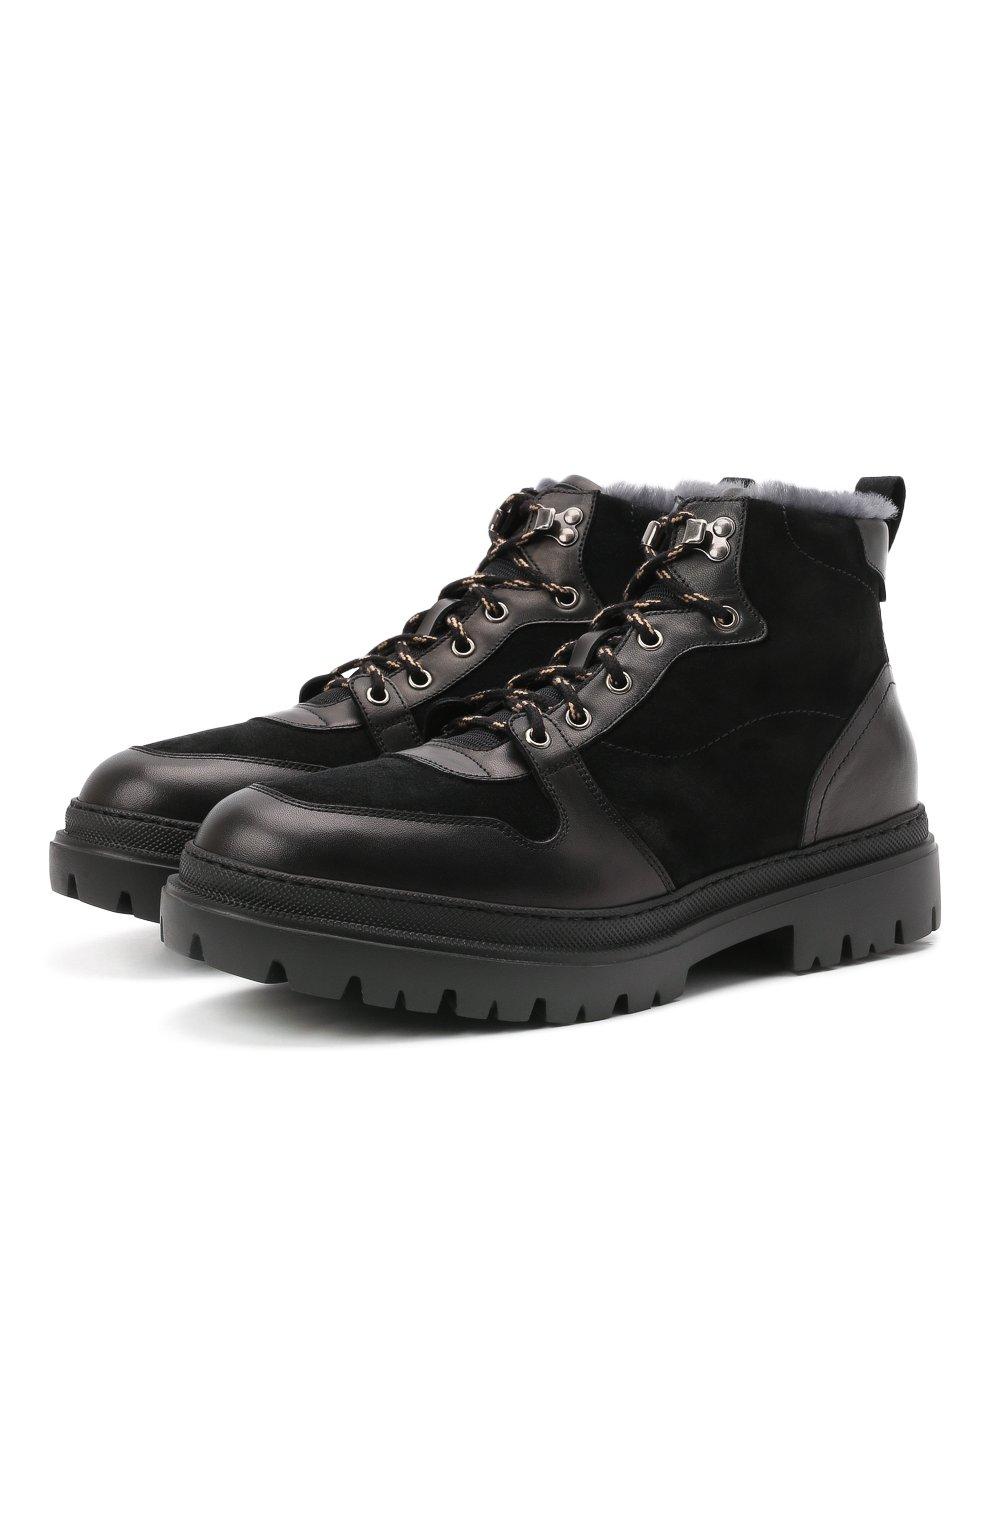 Мужские комбинированные ботинки H`D`S`N BARACCO черного цвета, арт. 81530.VMN.0* | Фото 1 (Материал утеплителя: Натуральный мех; Мужское Кросс-КТ: Хайкеры-обувь, Ботинки-обувь, зимние ботинки; Подошва: Массивная)